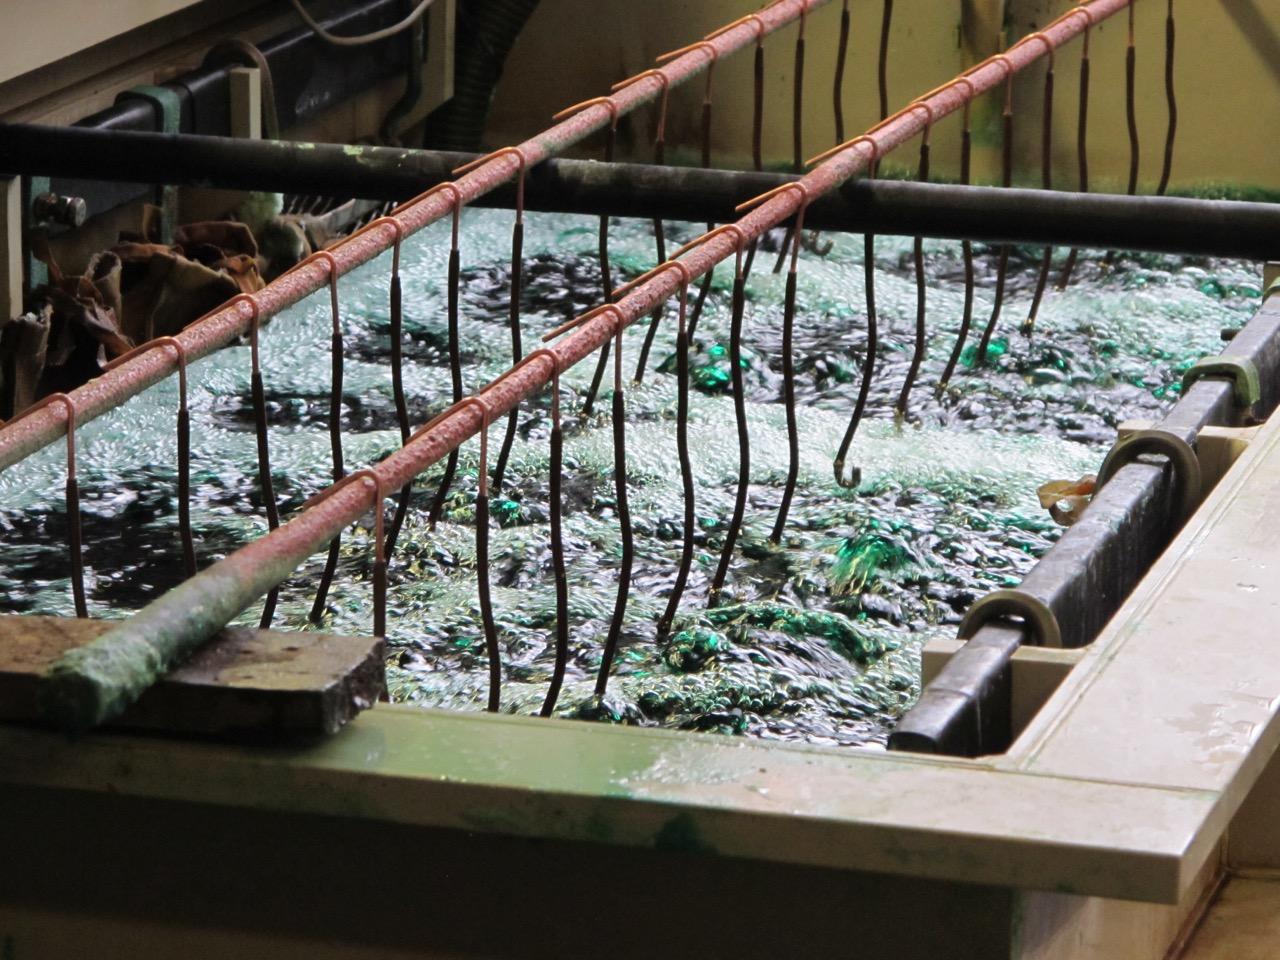 Pokrywanie metalu cienką warstwą niklu ma na celu jego wzmocnienie o najcenniejsze właściwości niklu.